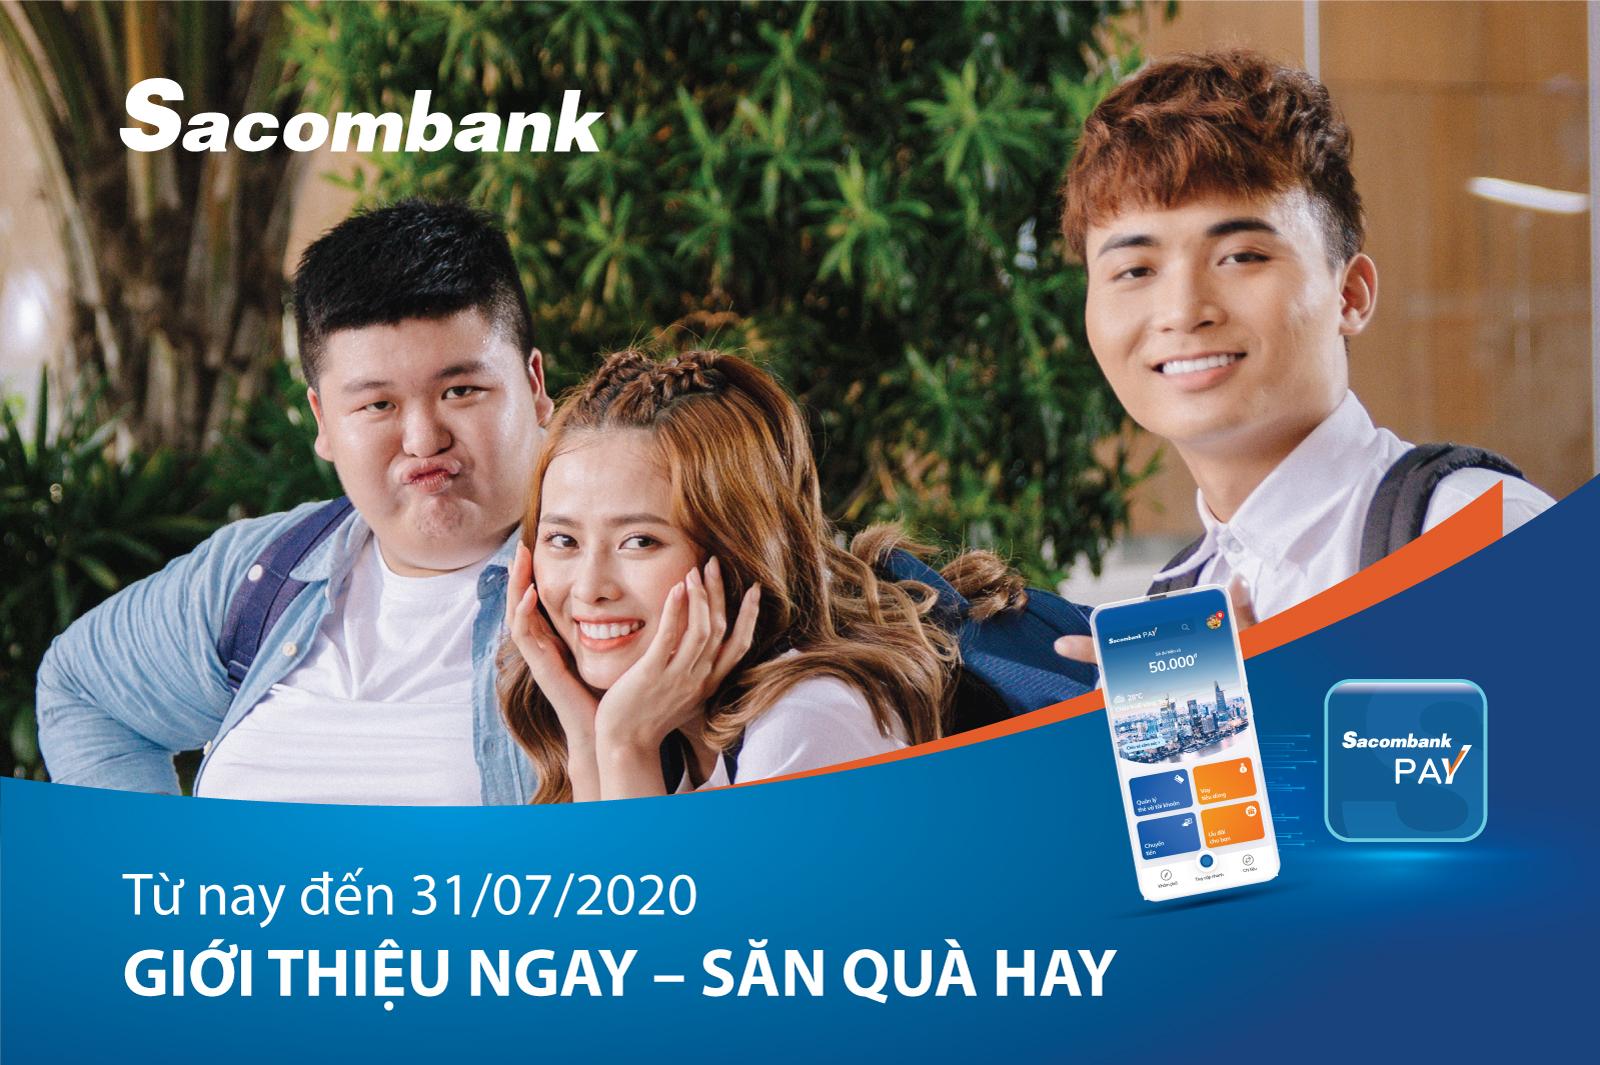 Nhiều ưu đãi khi tải và giao dịch qua ứng dụng Sacombank Pay